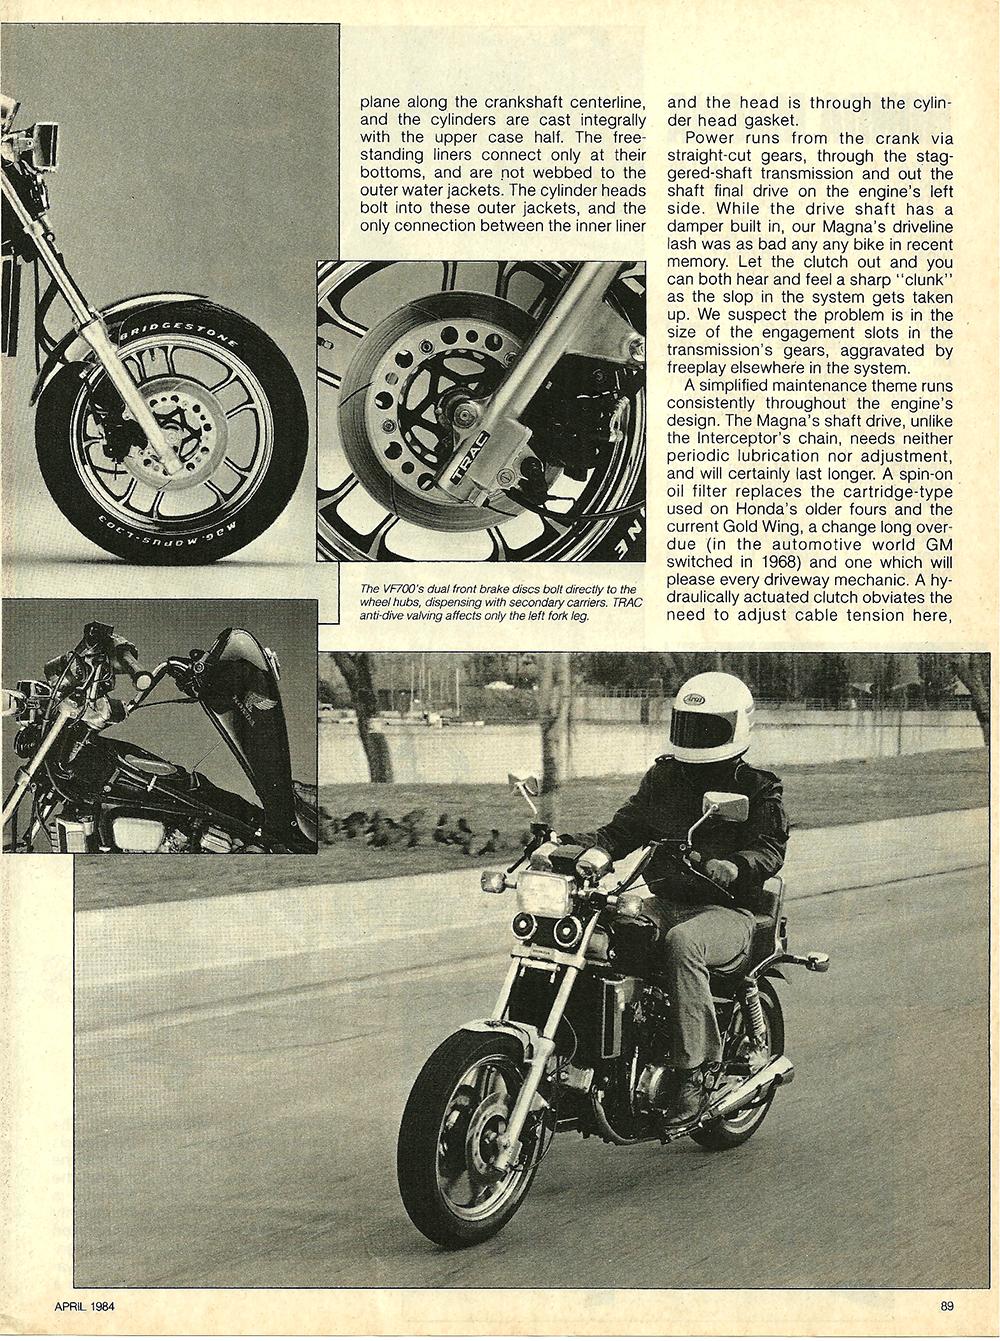 1984 Honda VF700C Magna road test 4.jpg